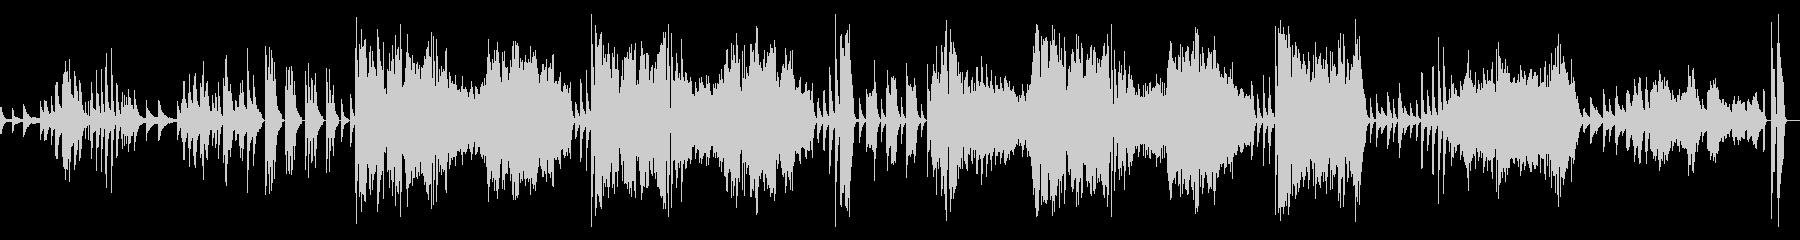 告別 第一楽章 ベートーヴェン ピアノ の未再生の波形